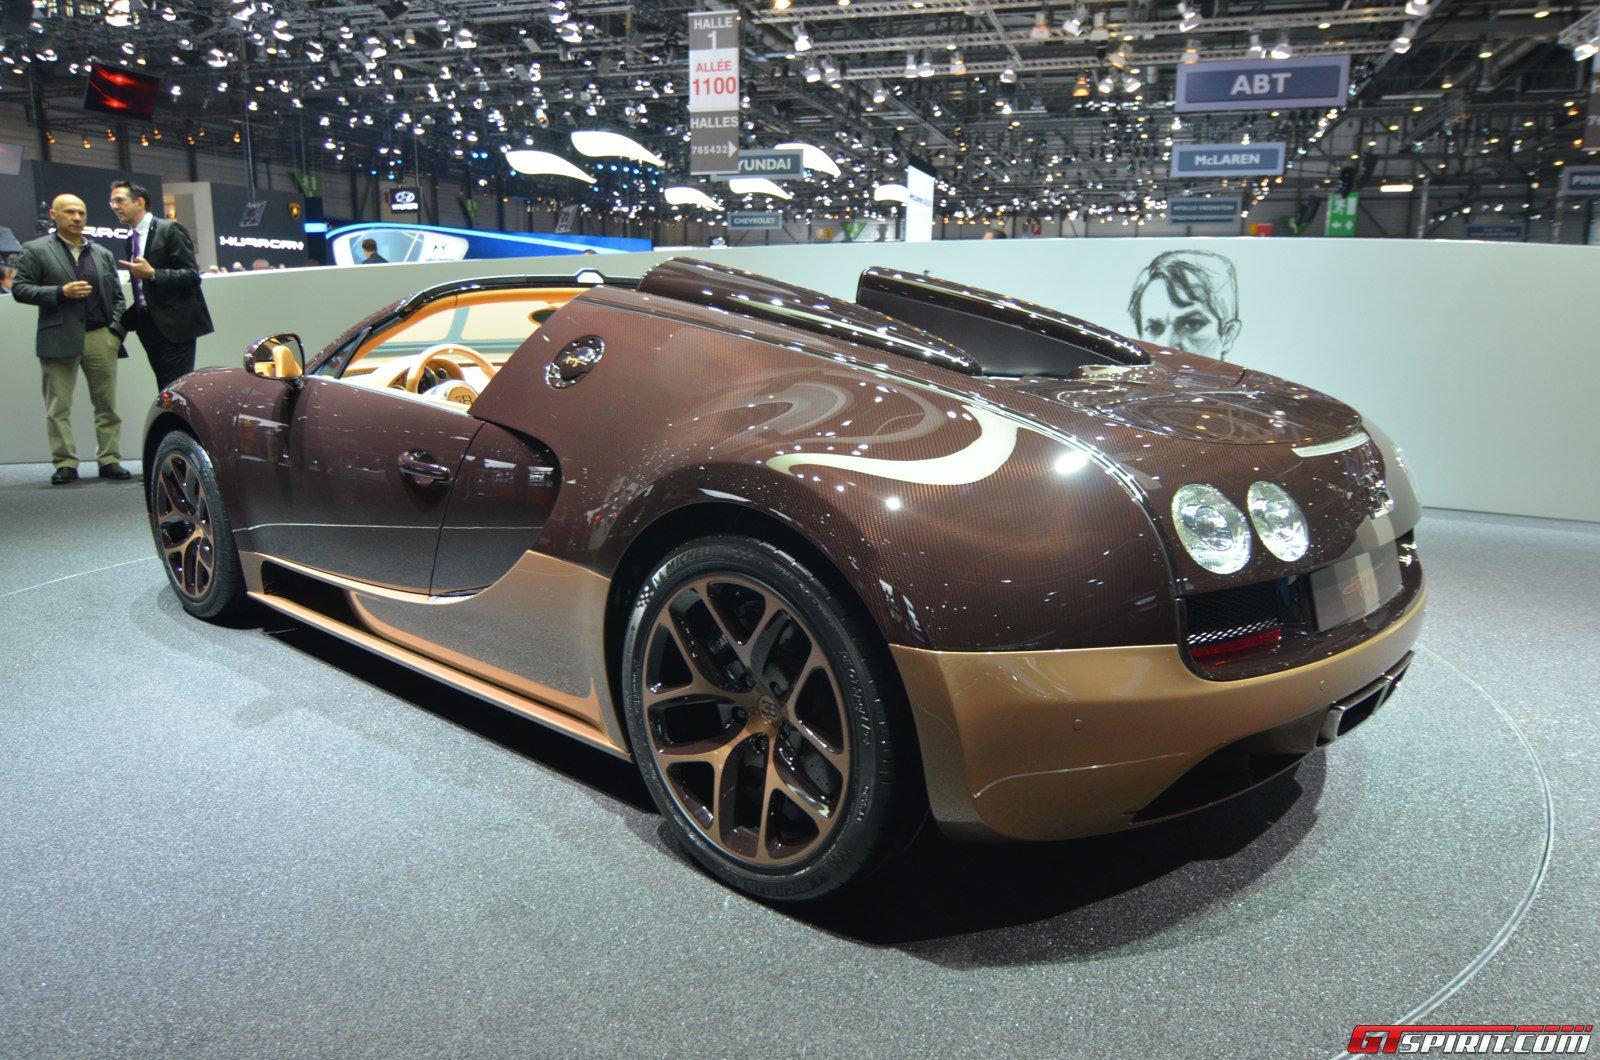 """Hé lộ siêu xe """"huyền thoại"""" sắp ra mắt của Bugatti - Ảnh 2"""